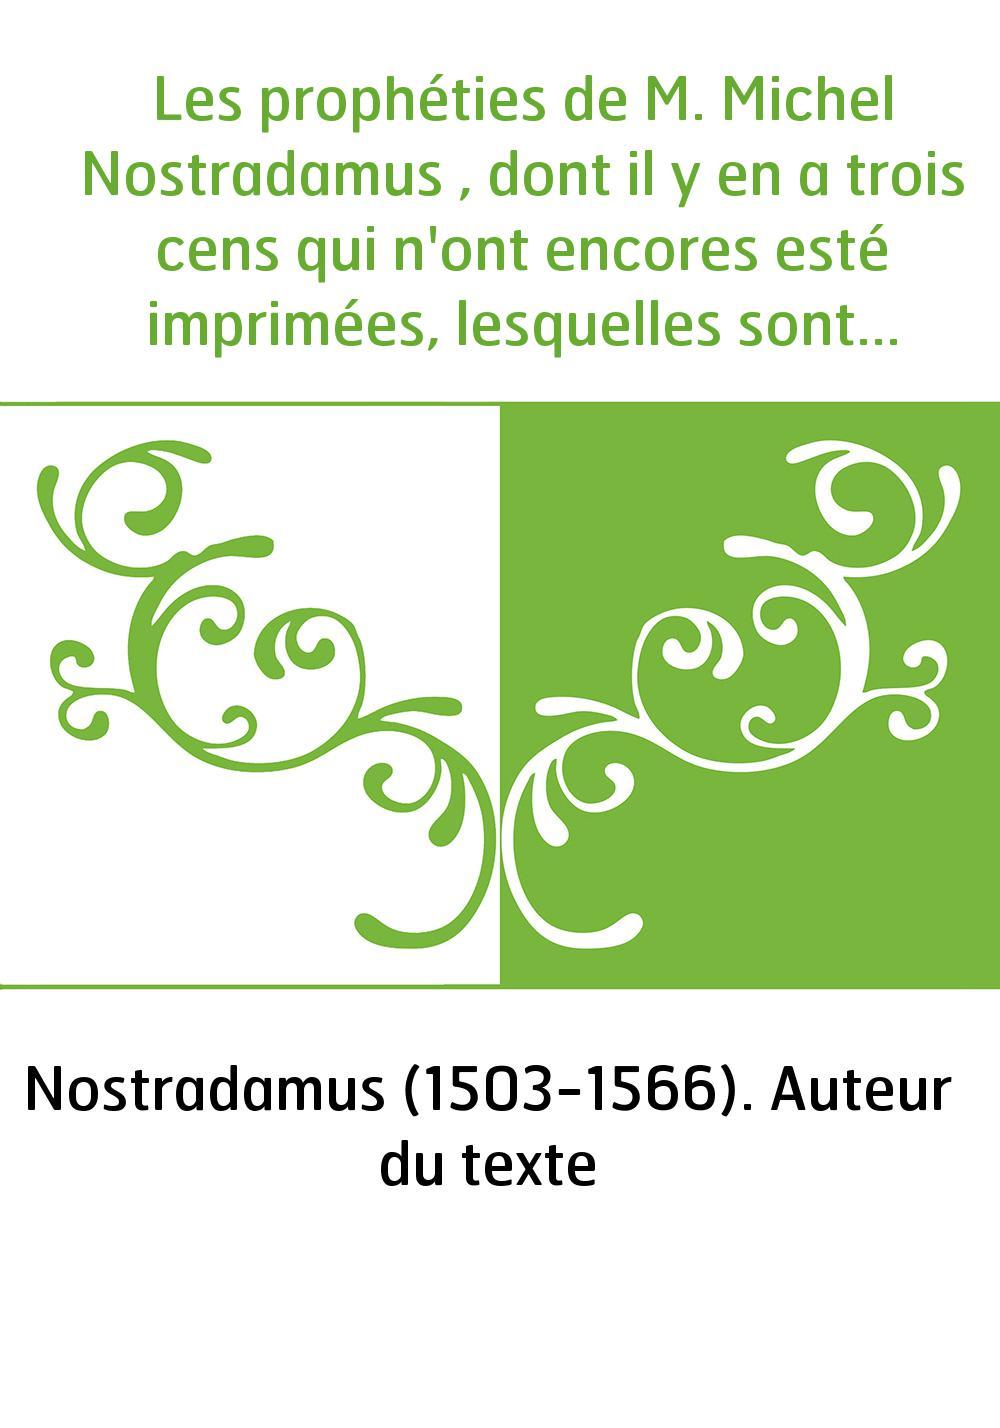 Les prophéties de M. Michel Nostradamus , dont il y en a trois cens qui n'ont encores esté imprimées, lesquelles sont en ceste p